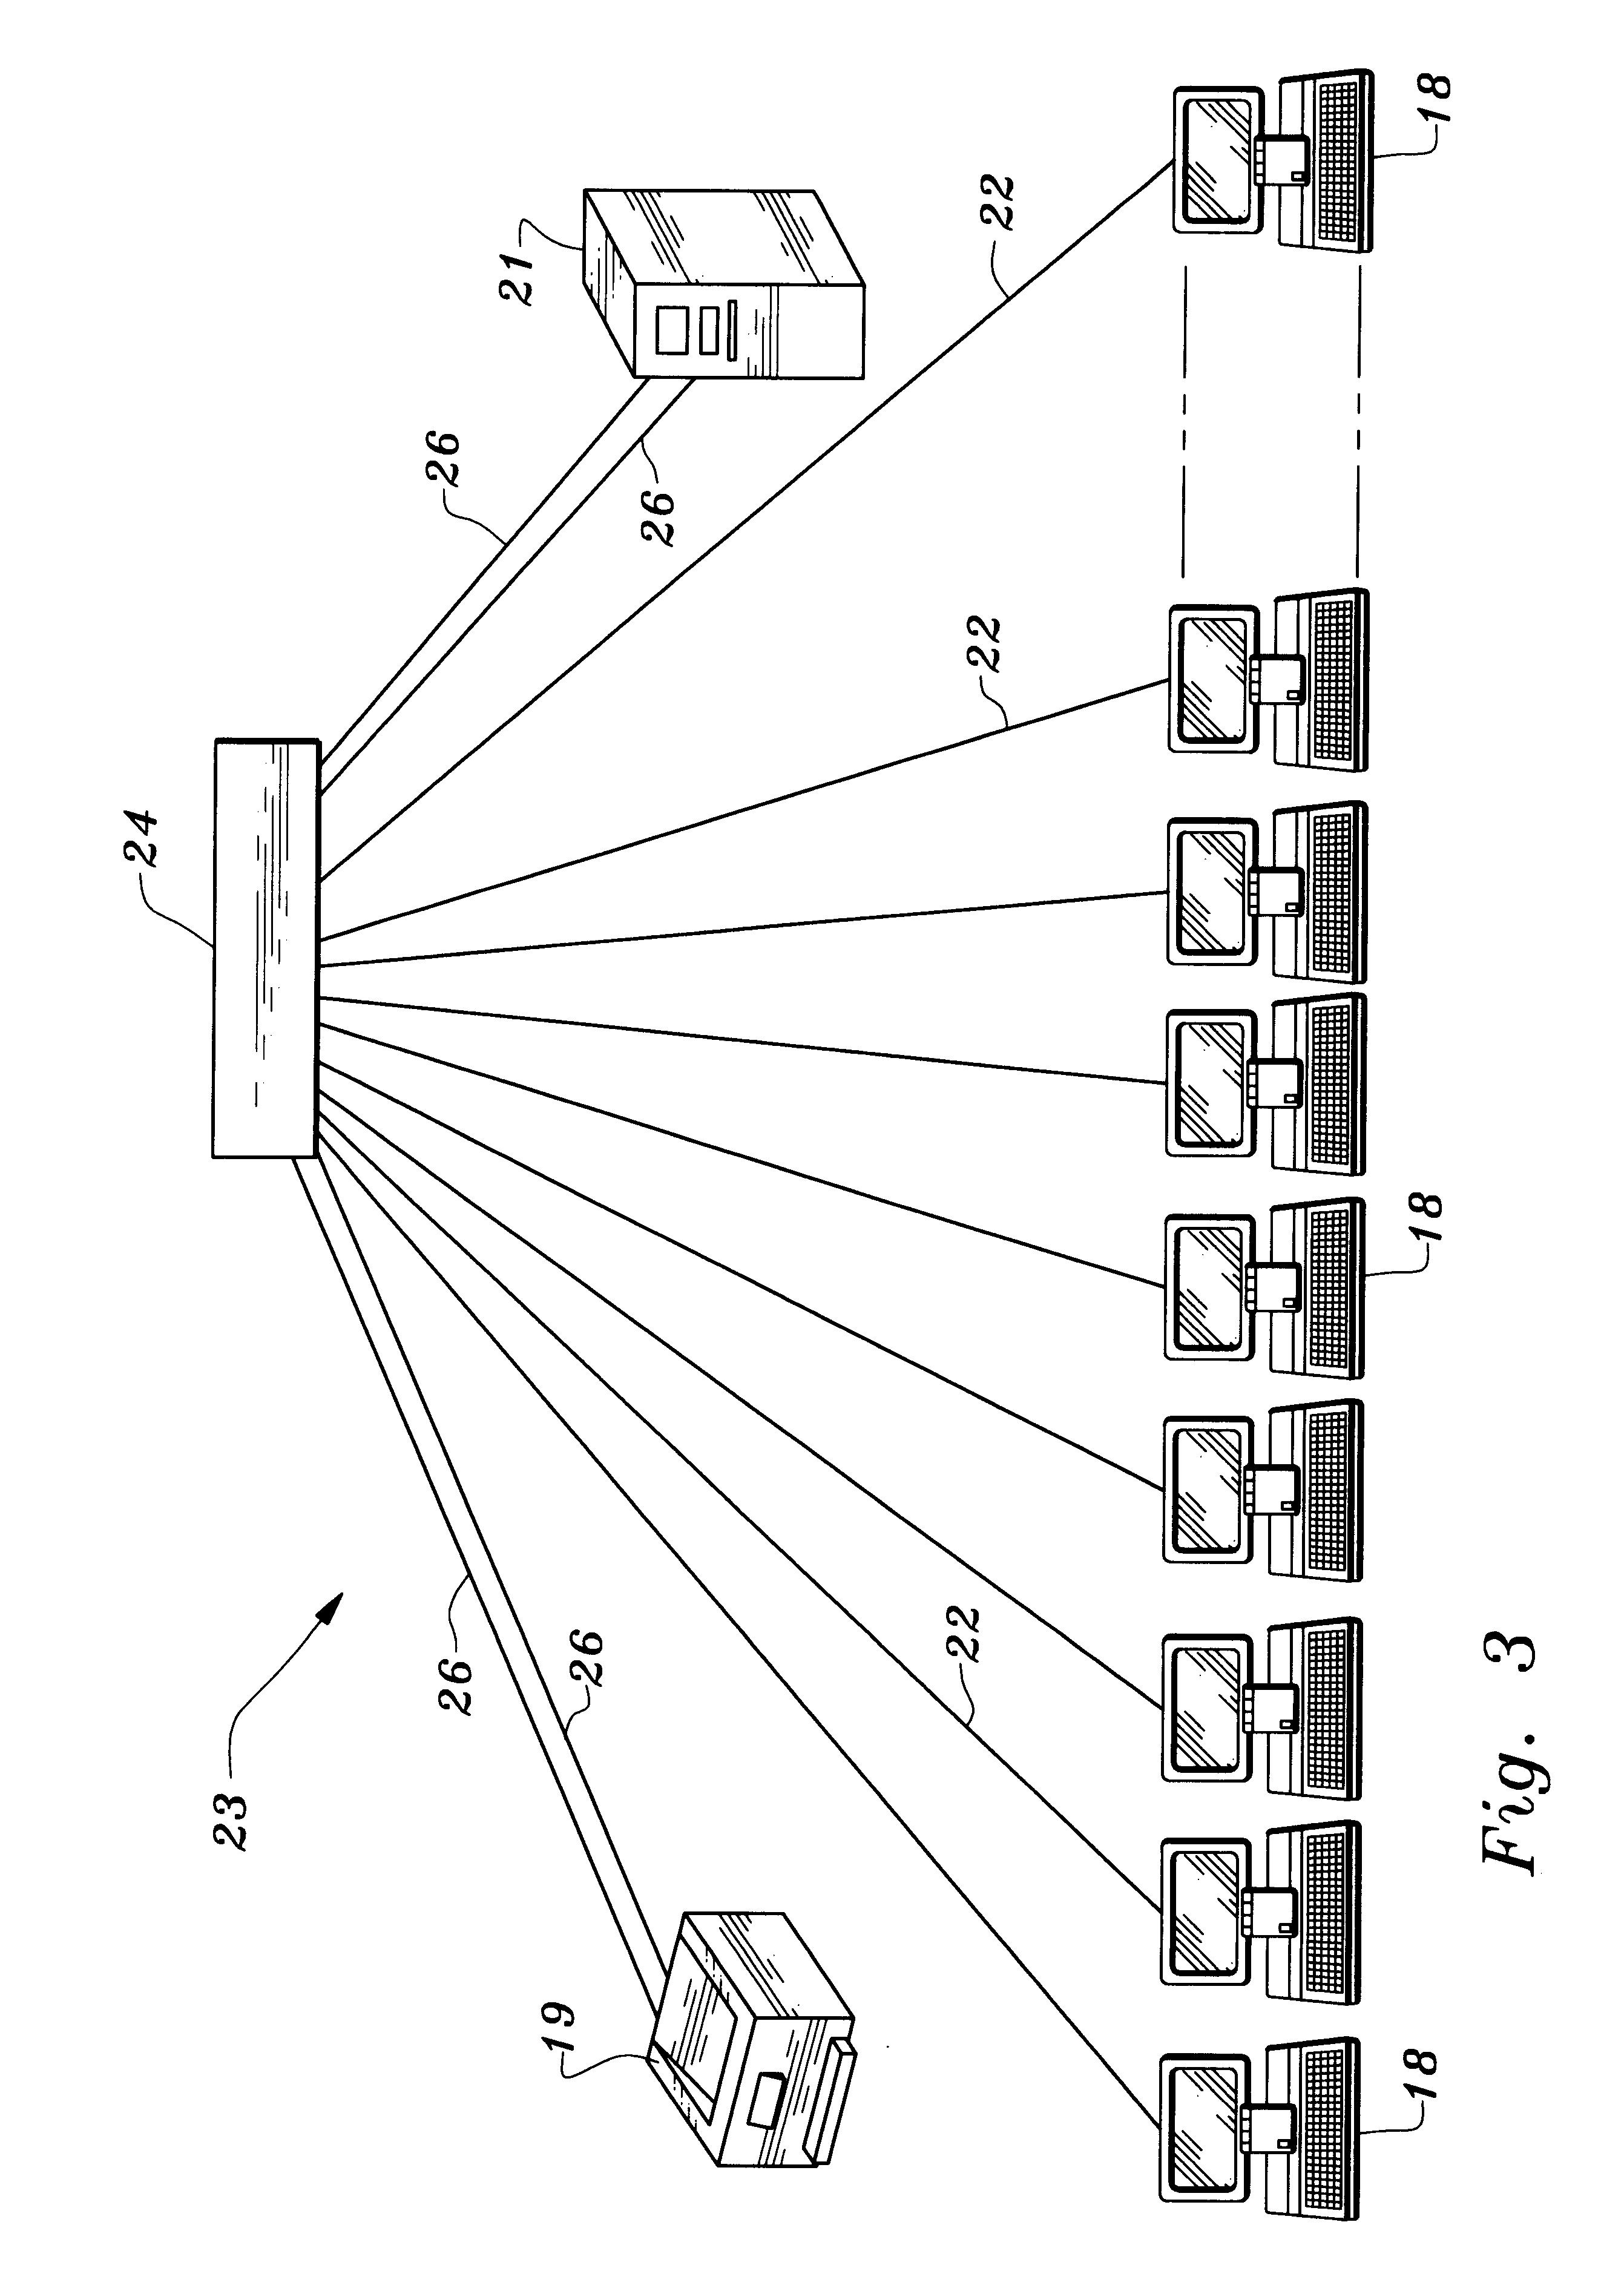 patent us6272552